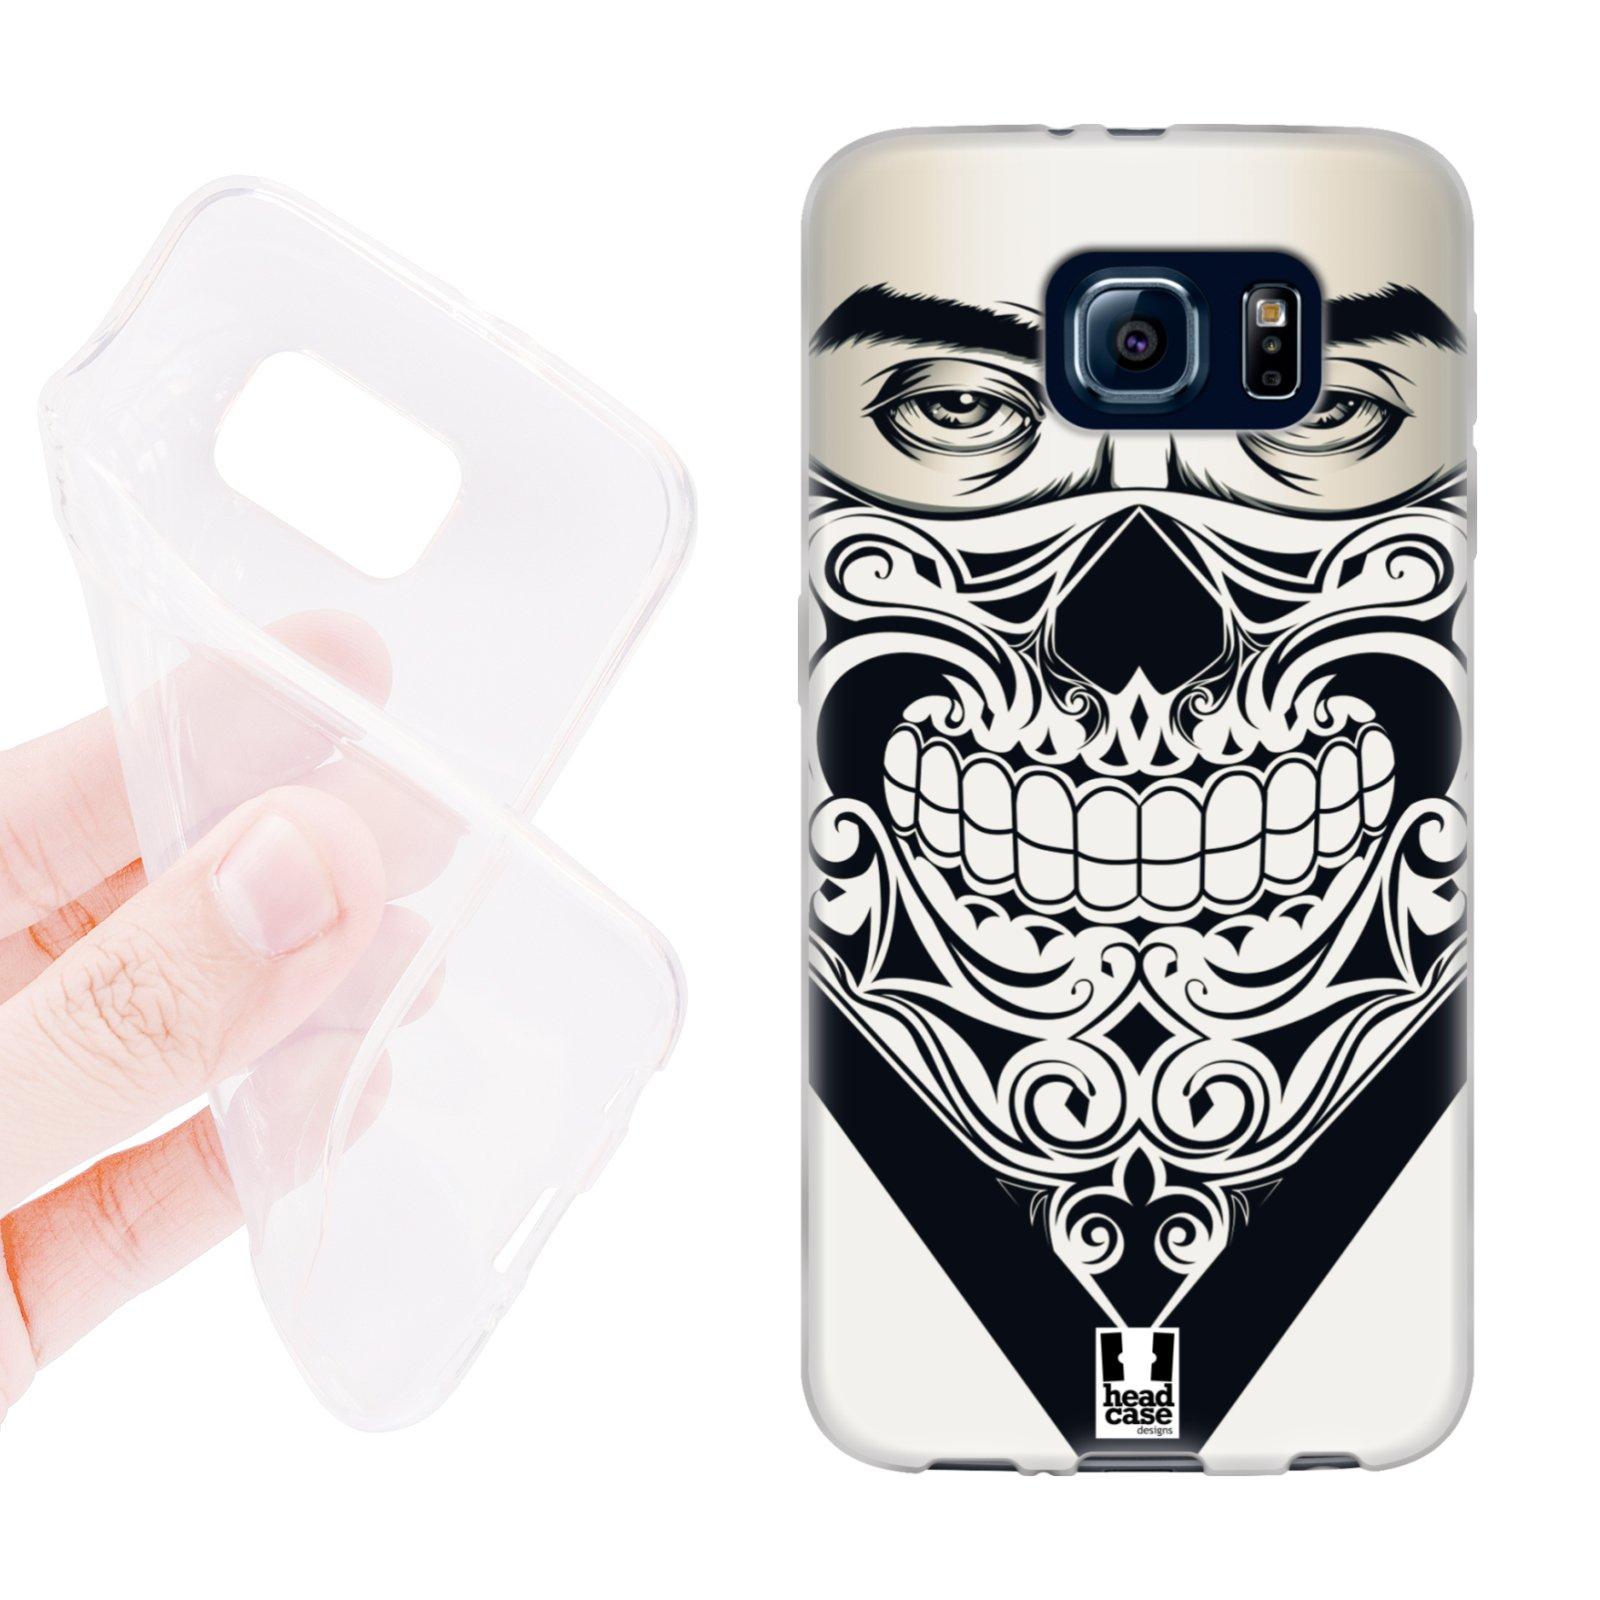 1b5f72923 HEAD CASE silikonový obal na mobil Samsung galaxy S6 šátek smrtící pohled